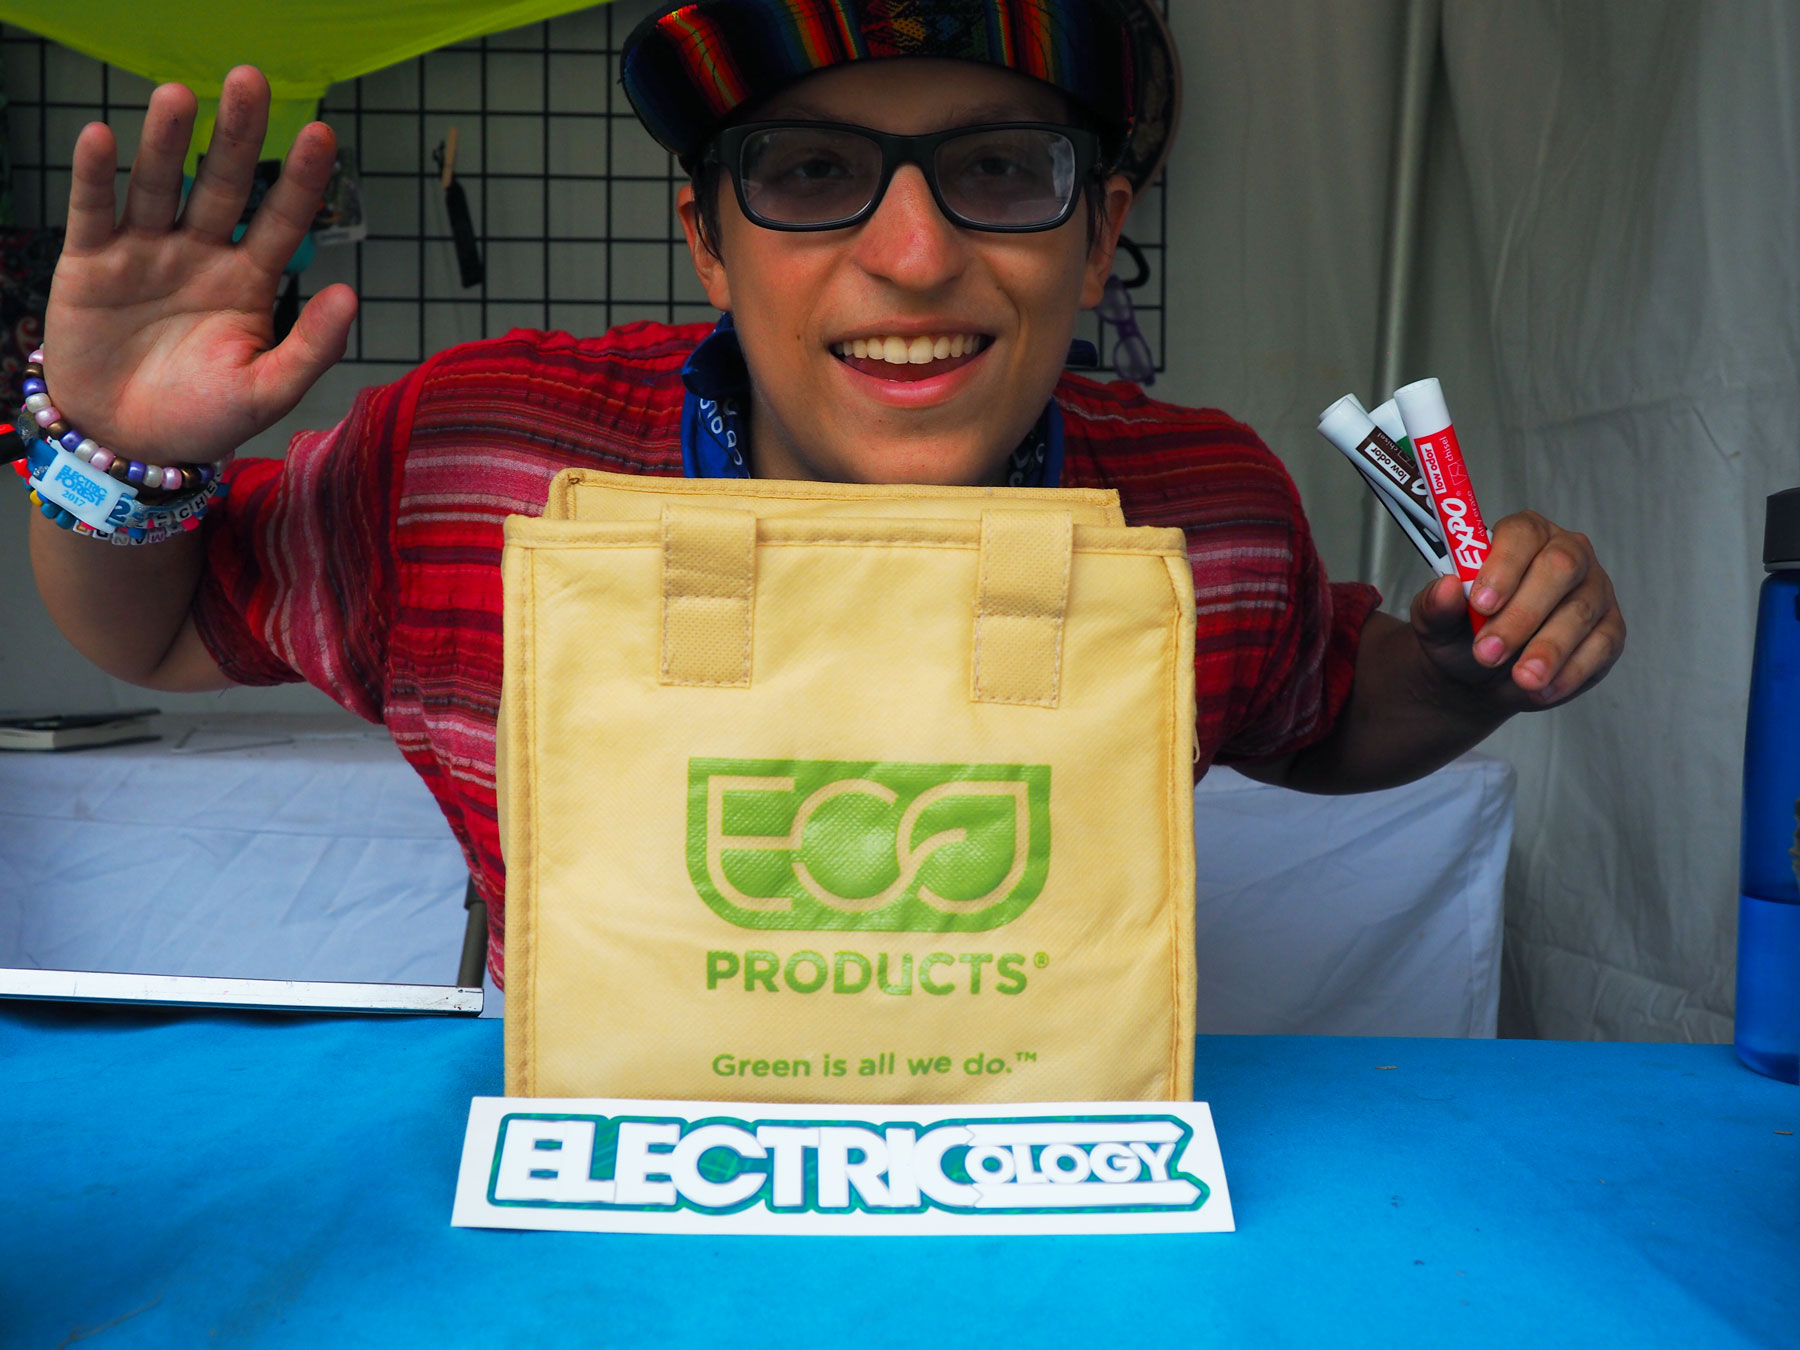 ecoproductsweb.jpg